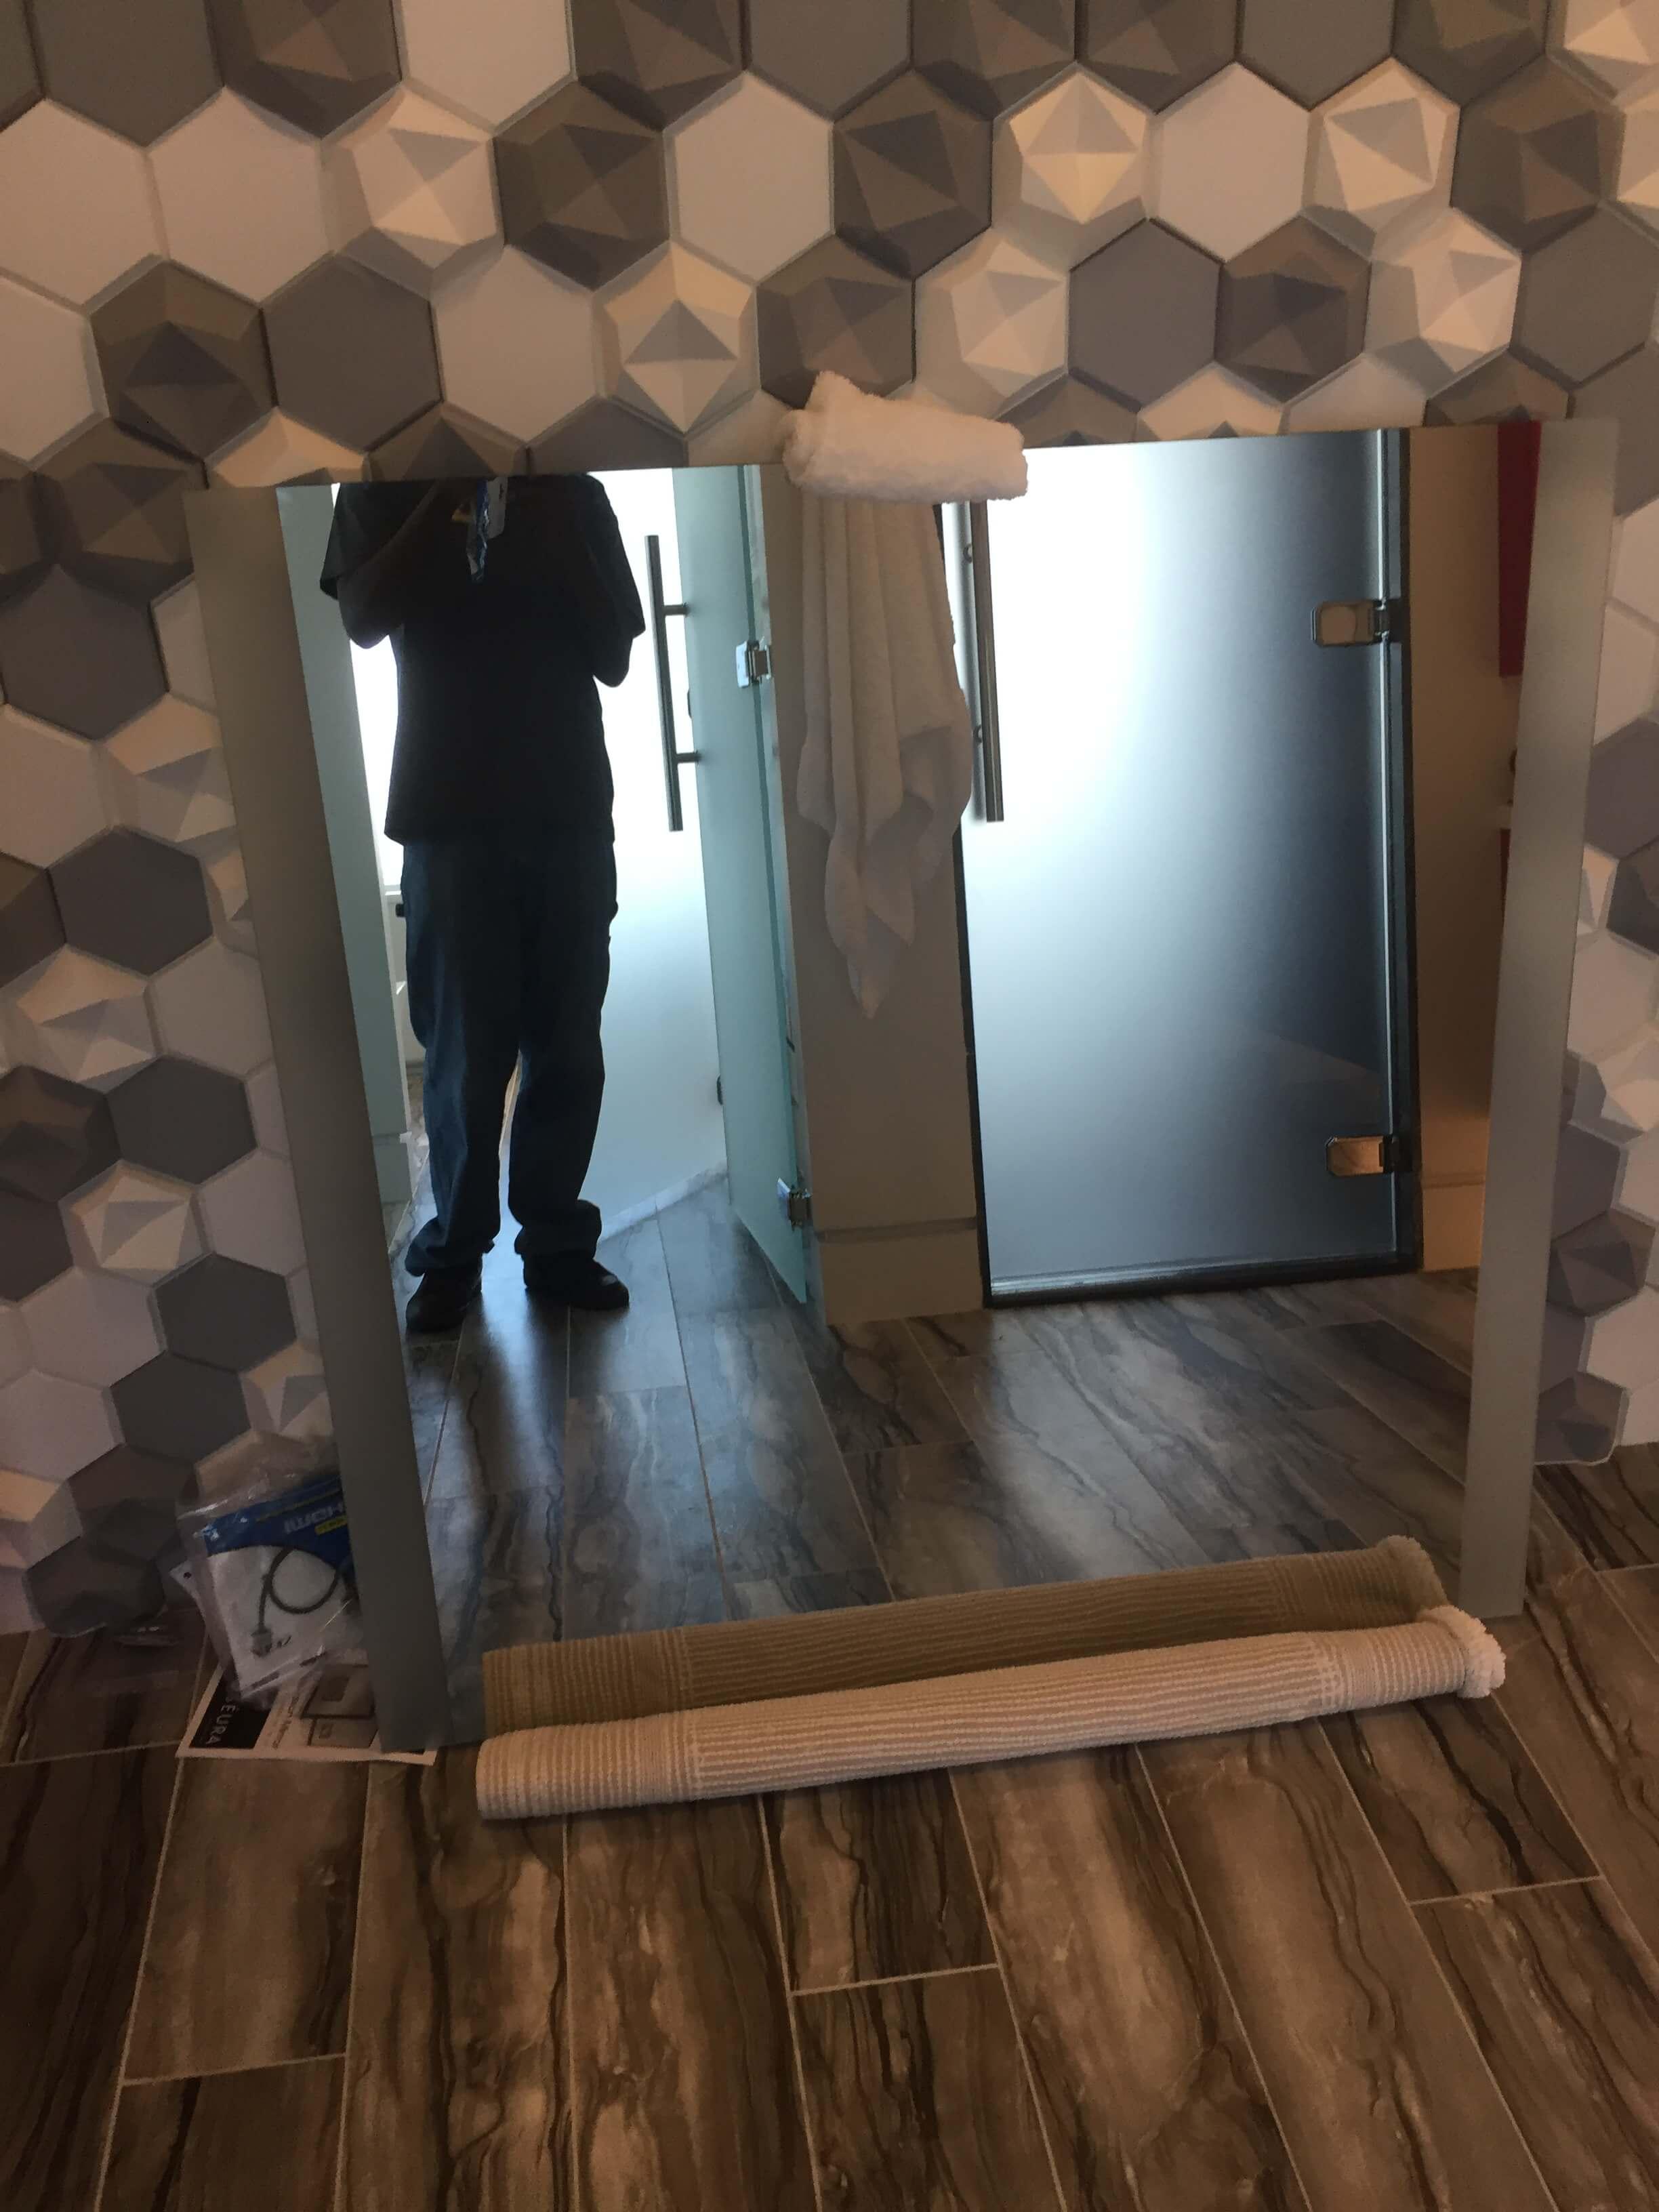 Bathroom Mirror With TV